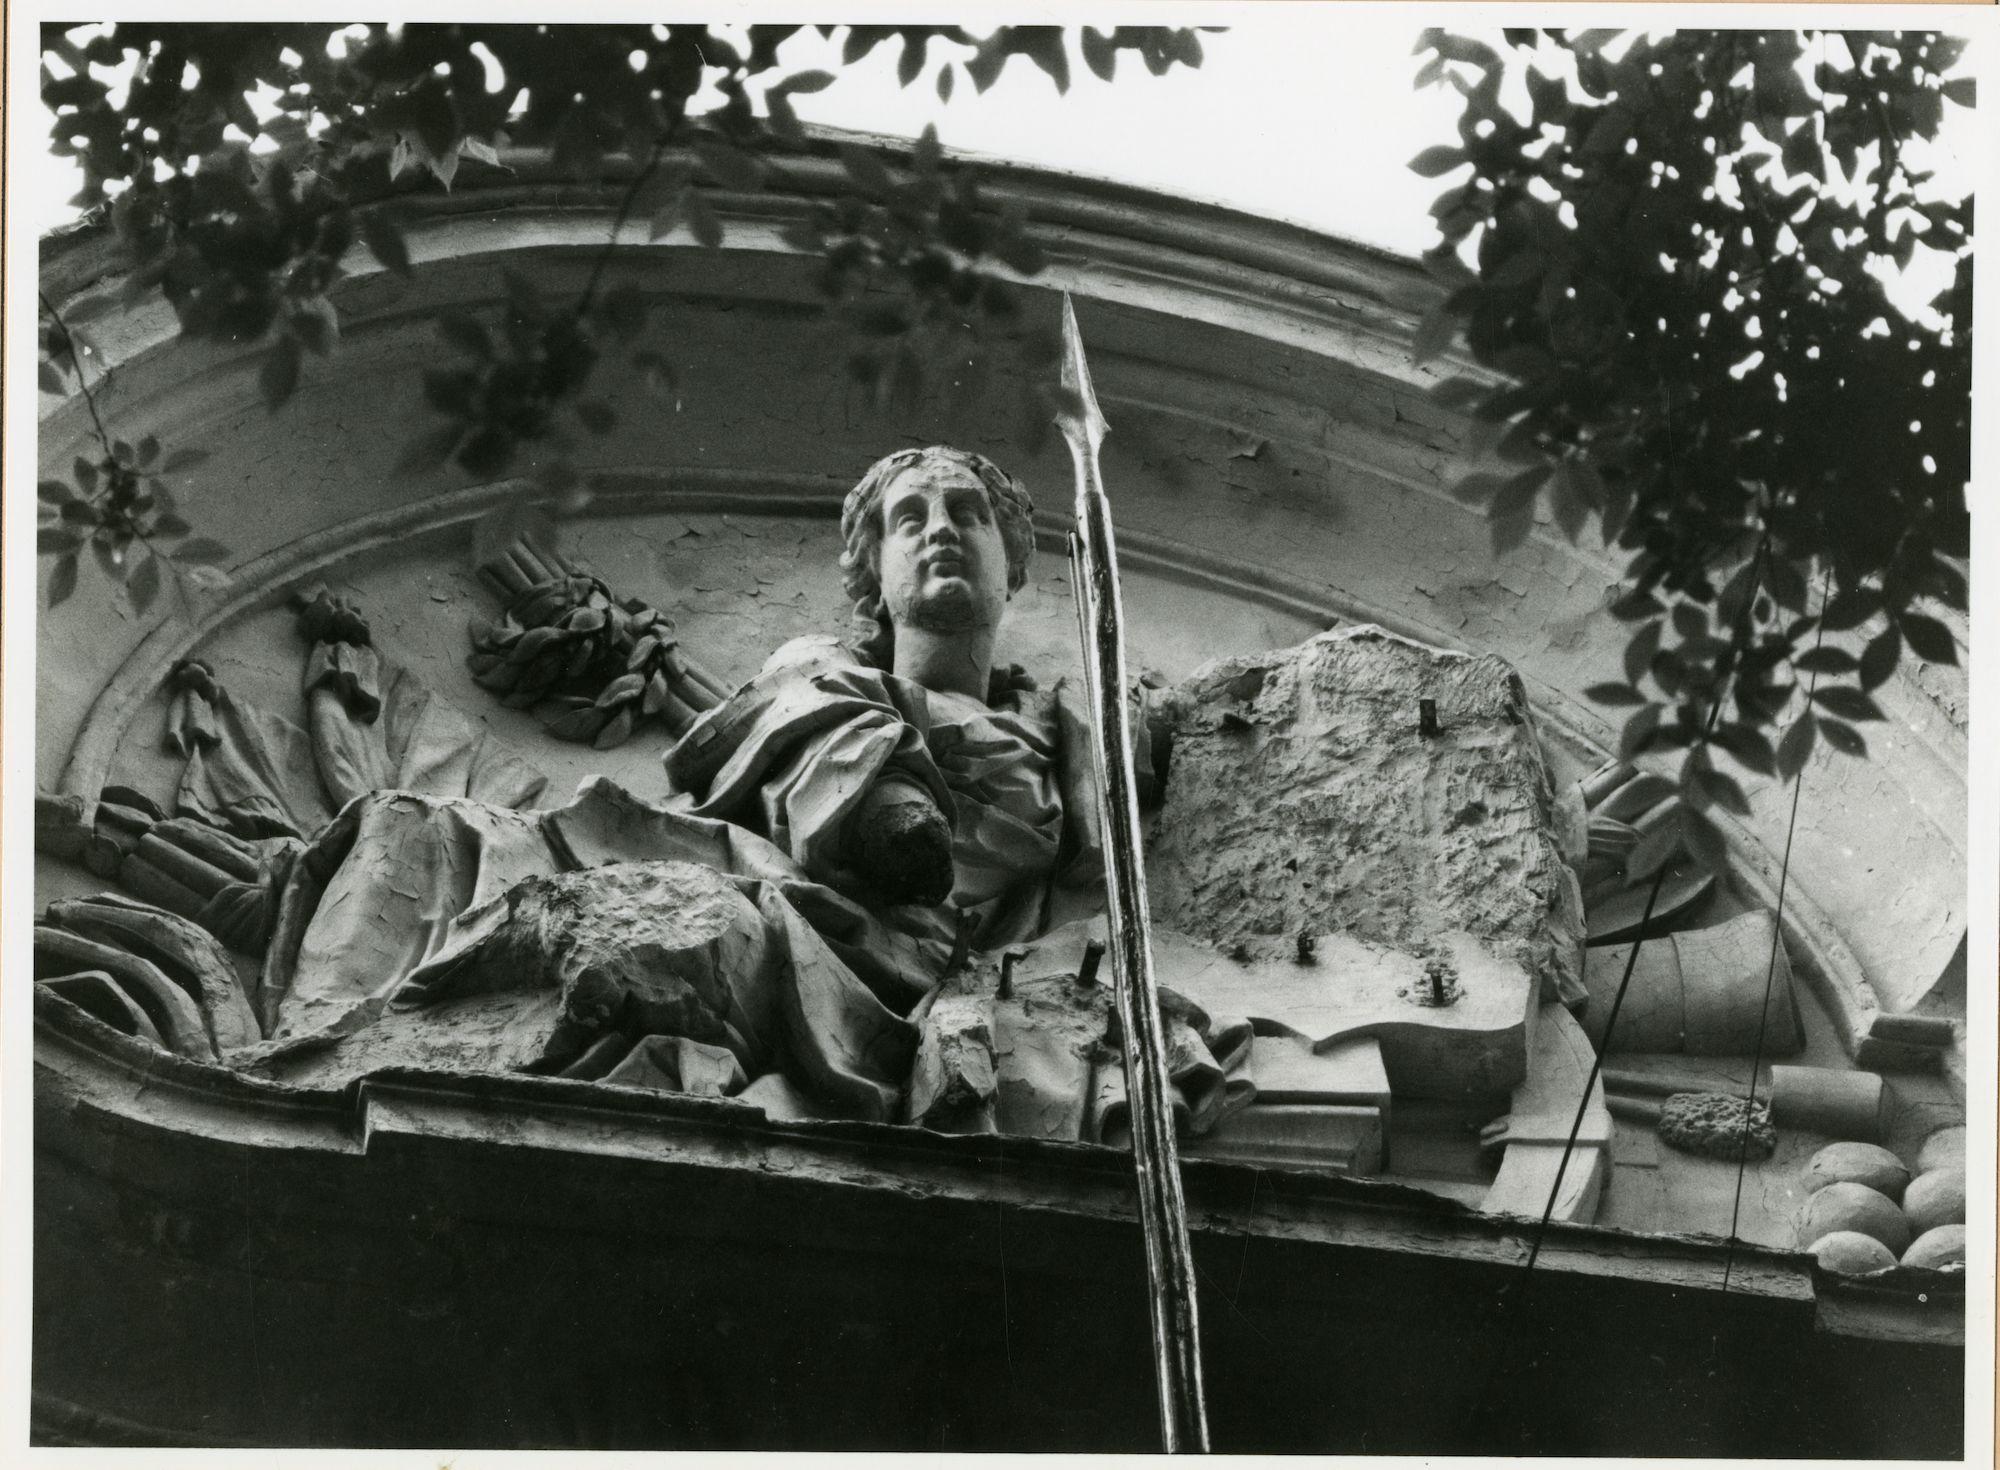 Gent: Kouter 29: Beeldhouwwerk, 1980